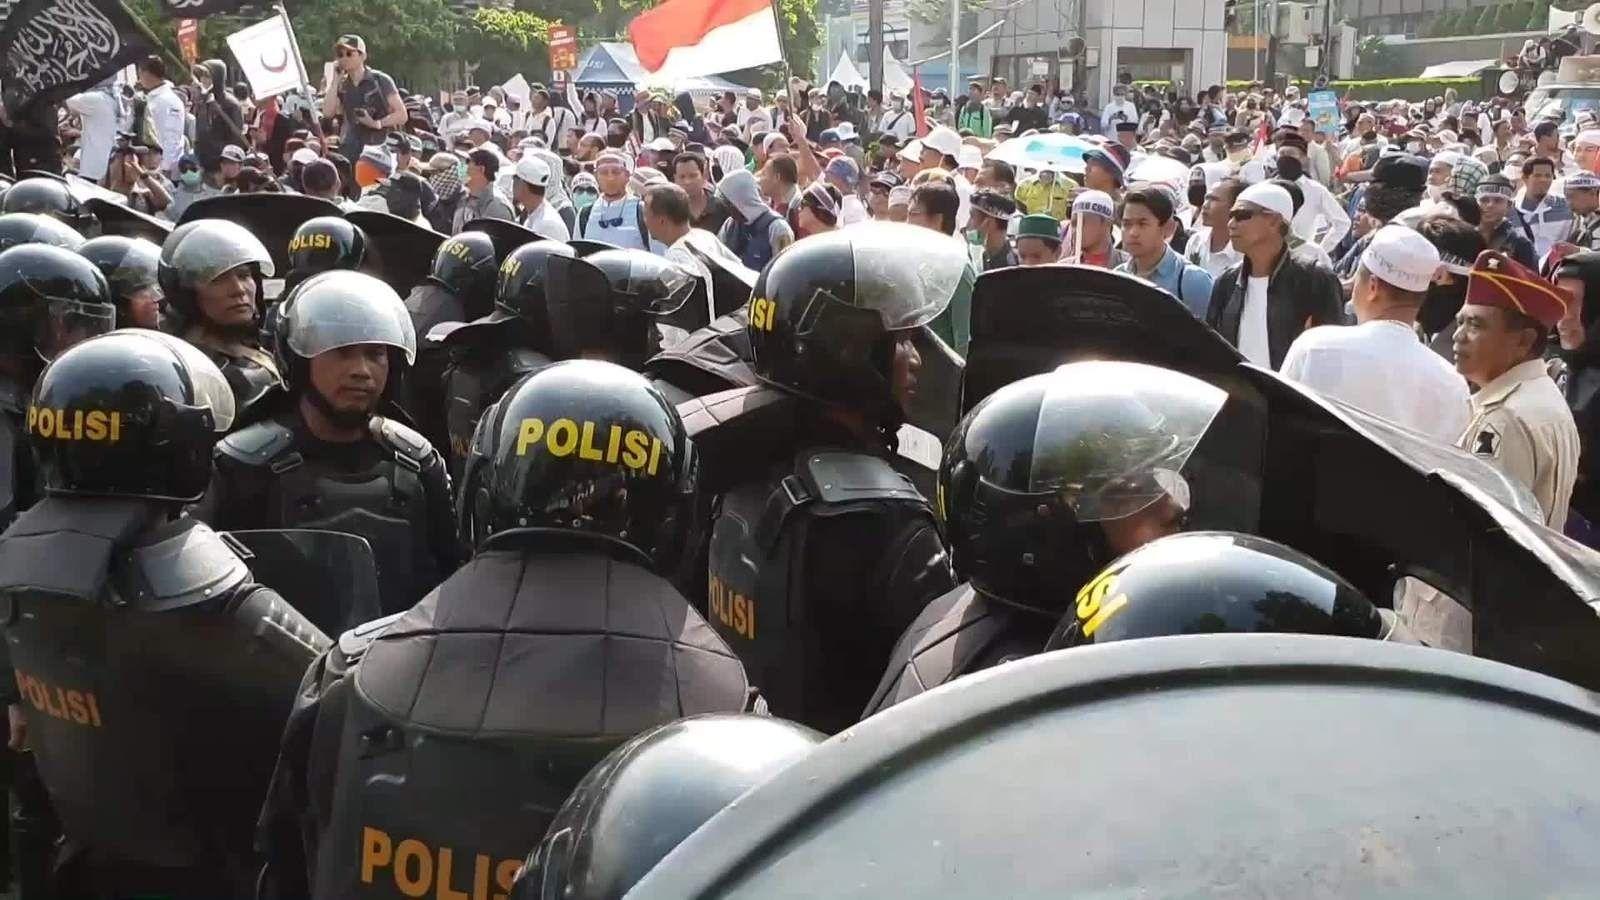 Сонгуулийн дүнг зарласны дараа Индонезид мөргөлдөөн гарснаас 6 хүн амиа алдлаа